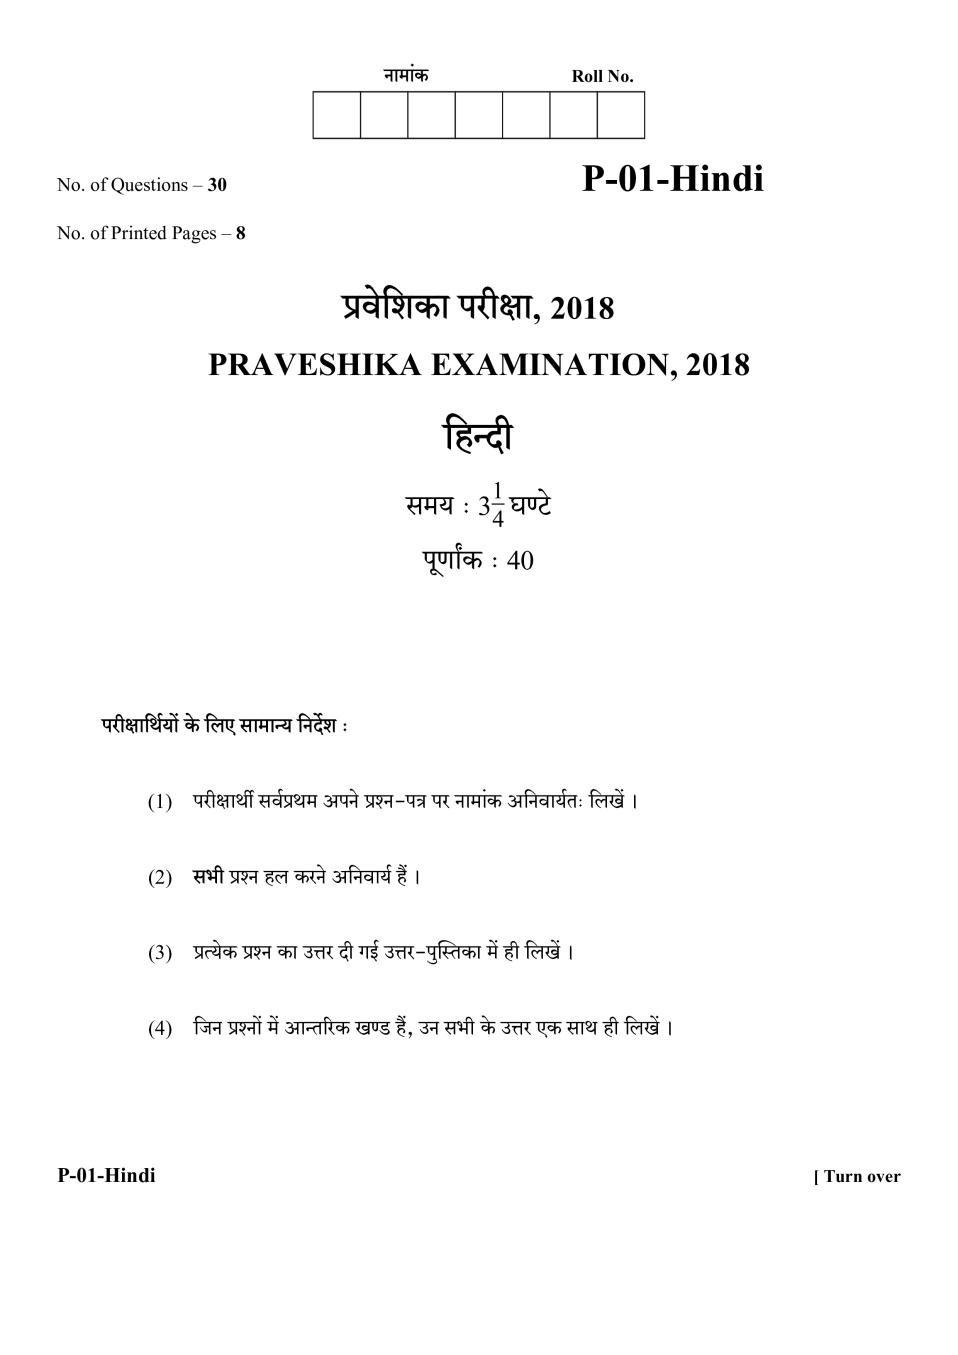 Rajasthan Board Praveshika Hindi Question Paper 2018 - Page 1